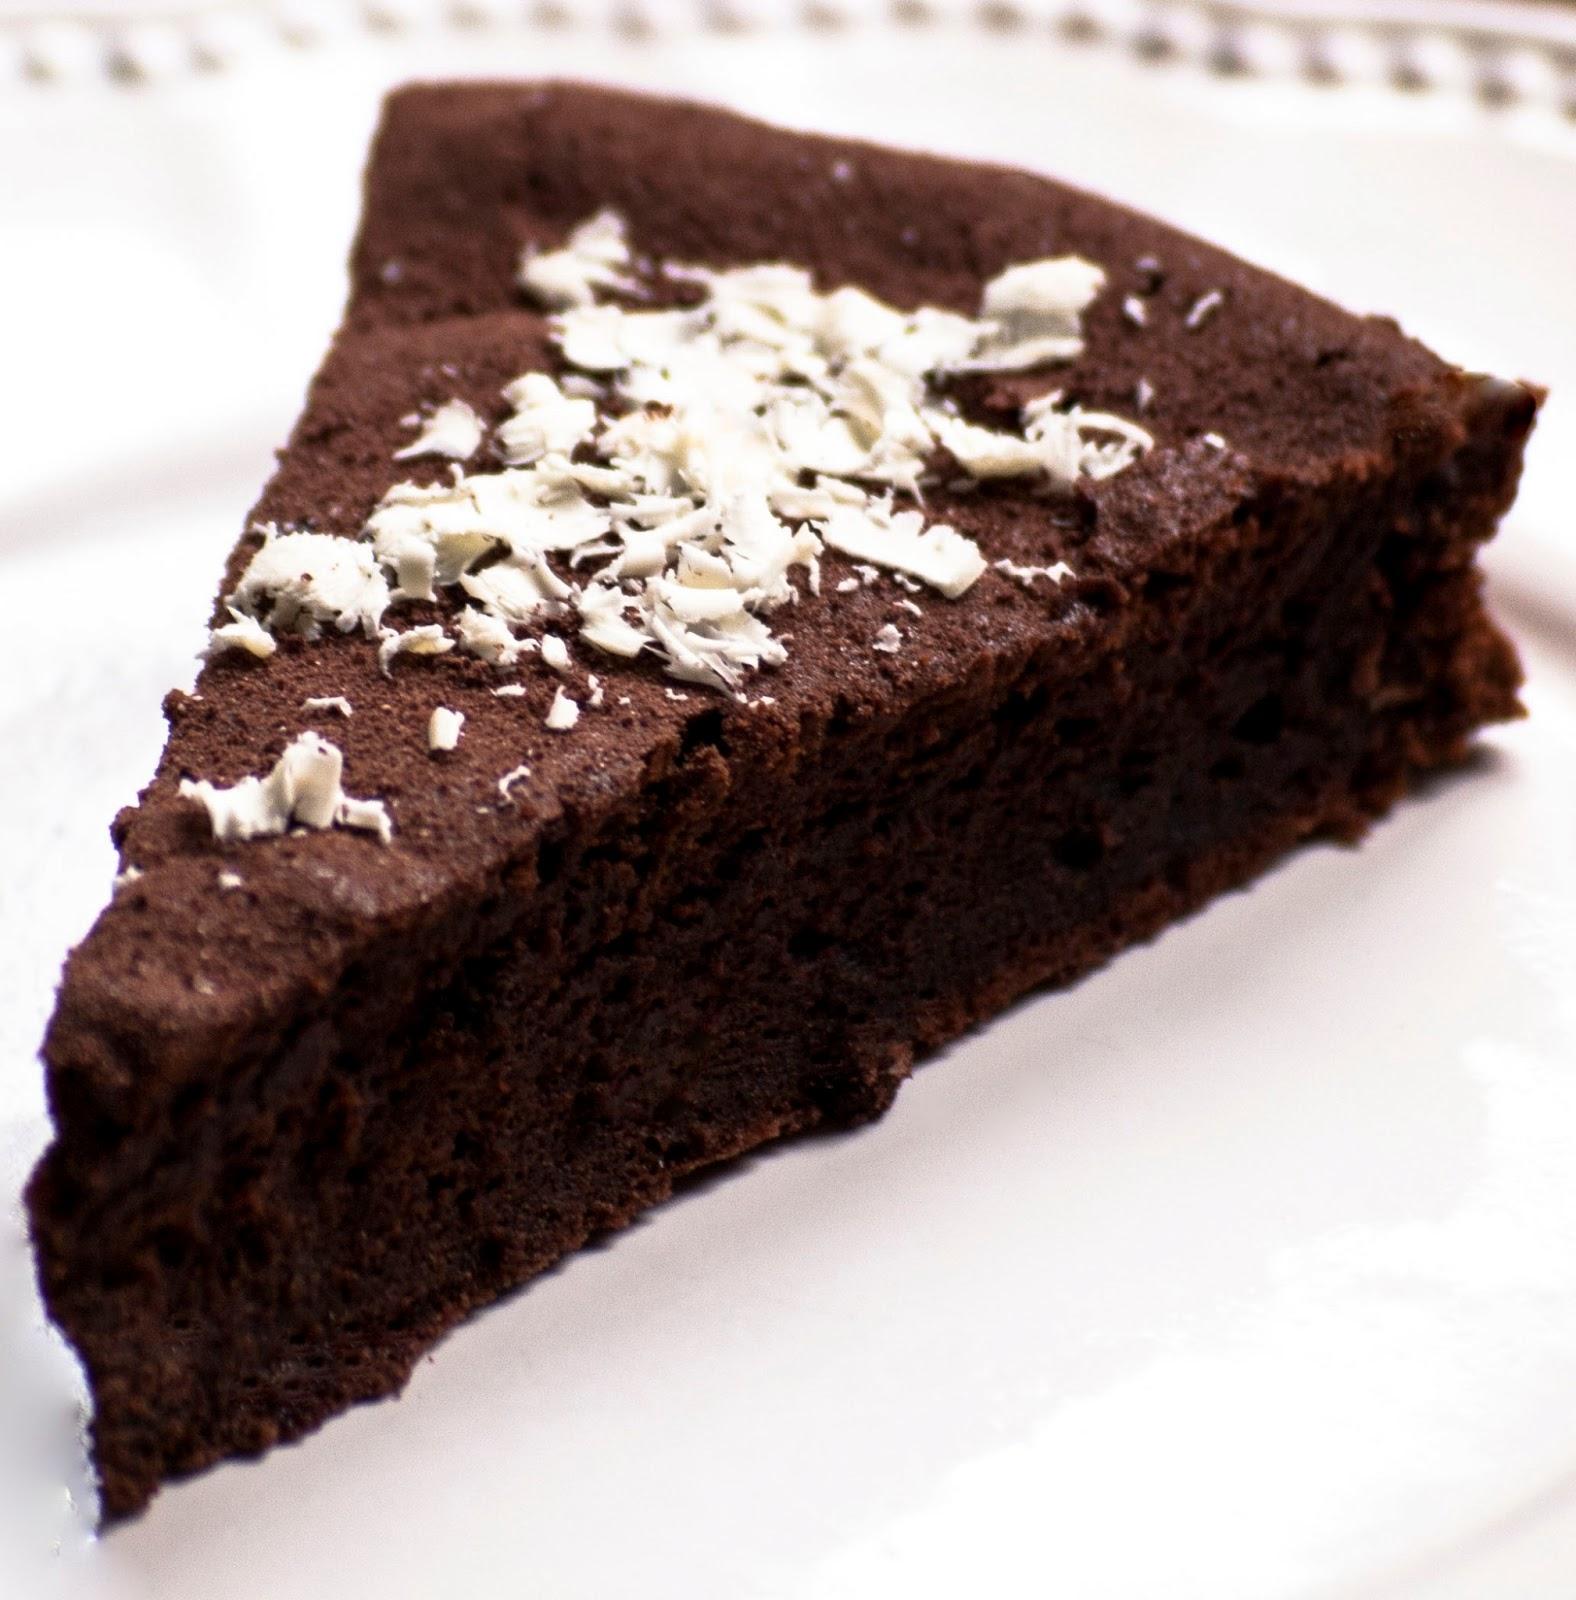 Fondant au chocolat noir corsé et ses flocons de chocolat blanc